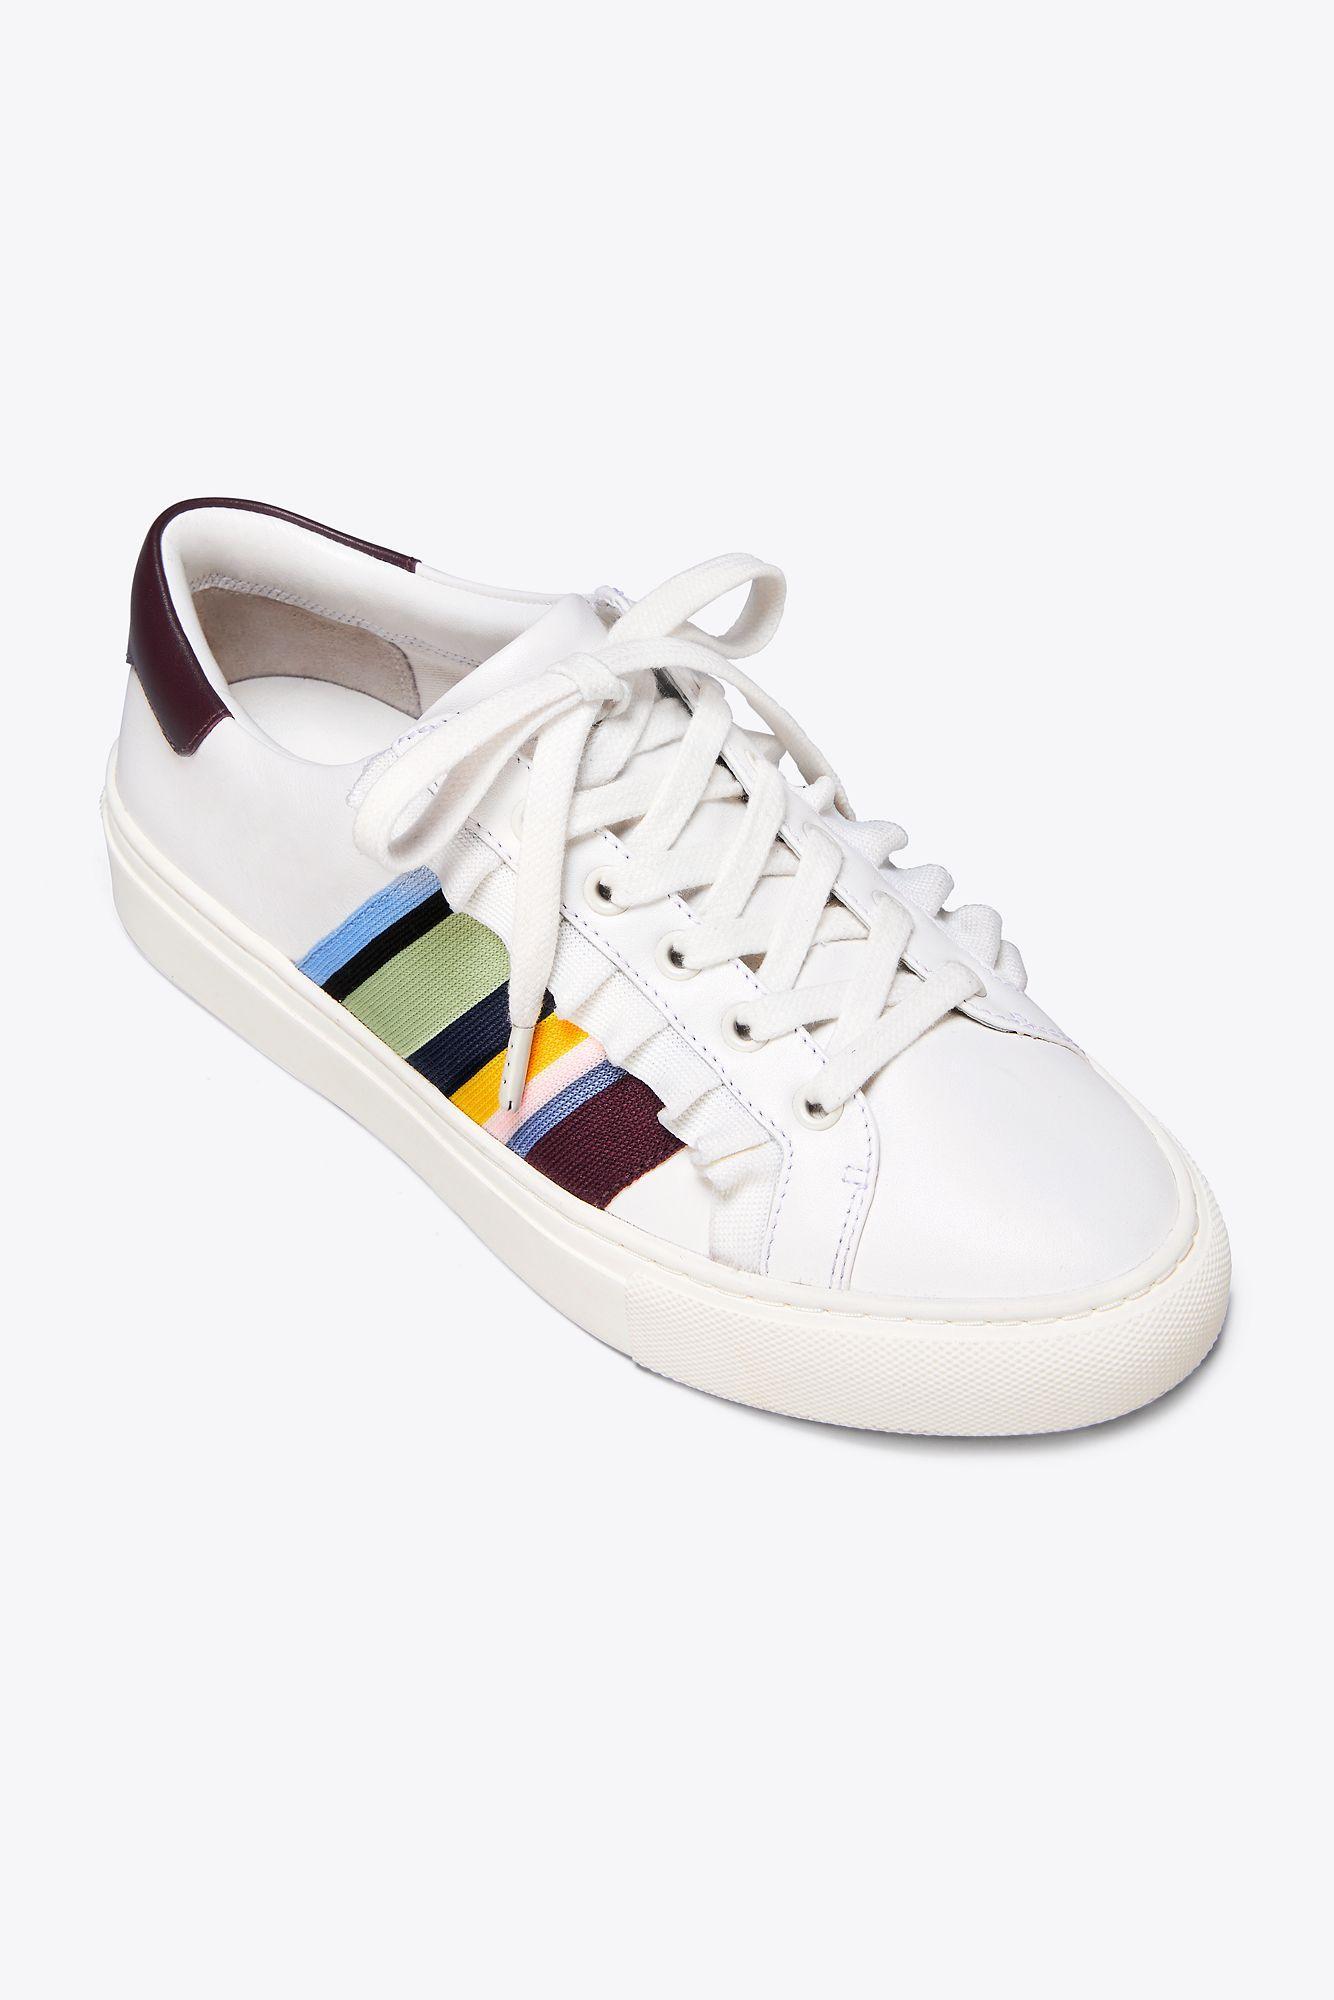 Tory Sport Suede Ruffle Sneaker in White - Lyst